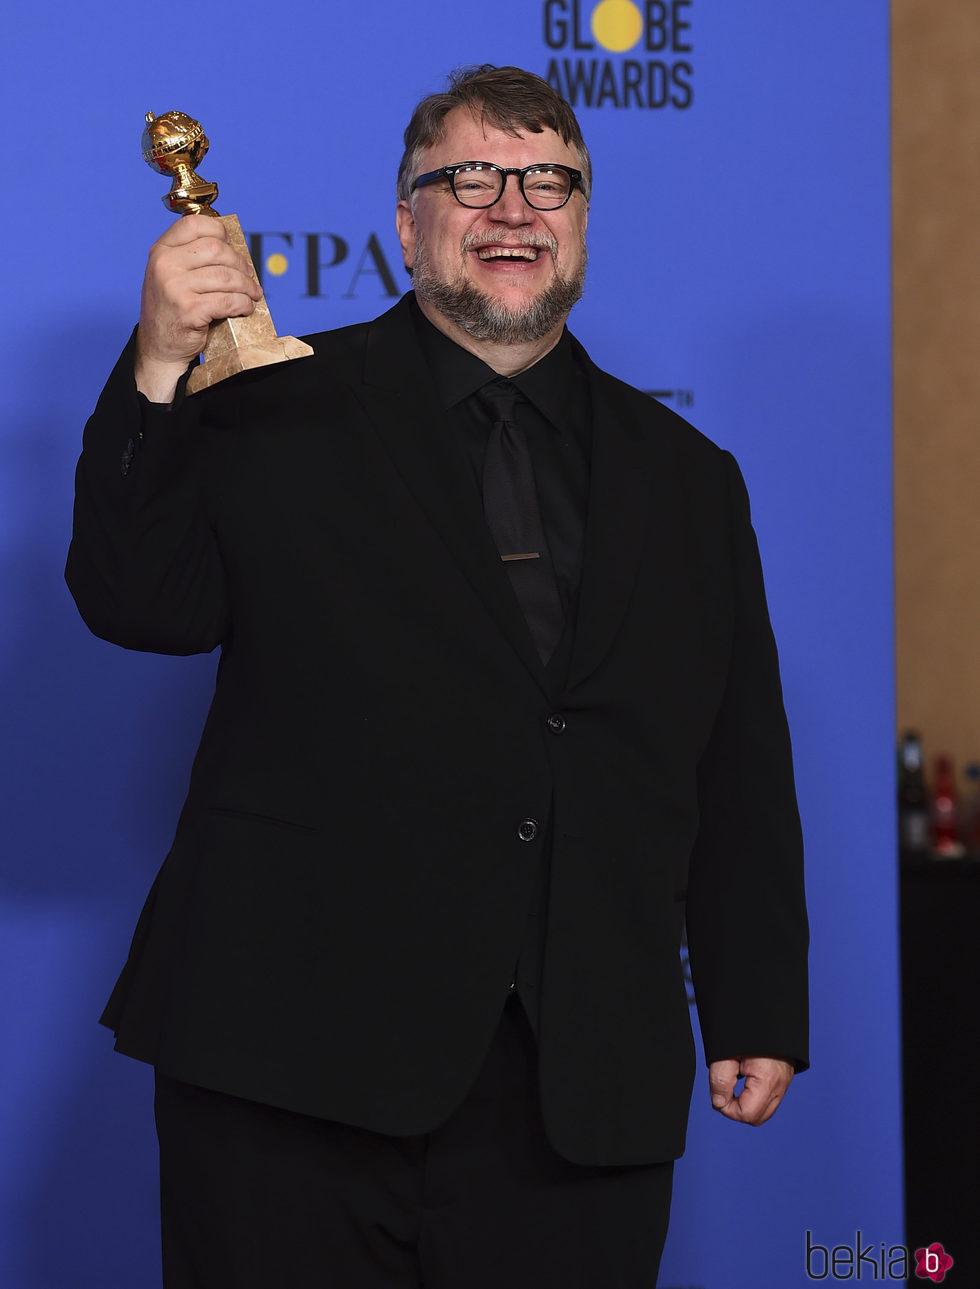 Guillermo del Toro con su Globo de Oro 2018 por 'La forma del agua'